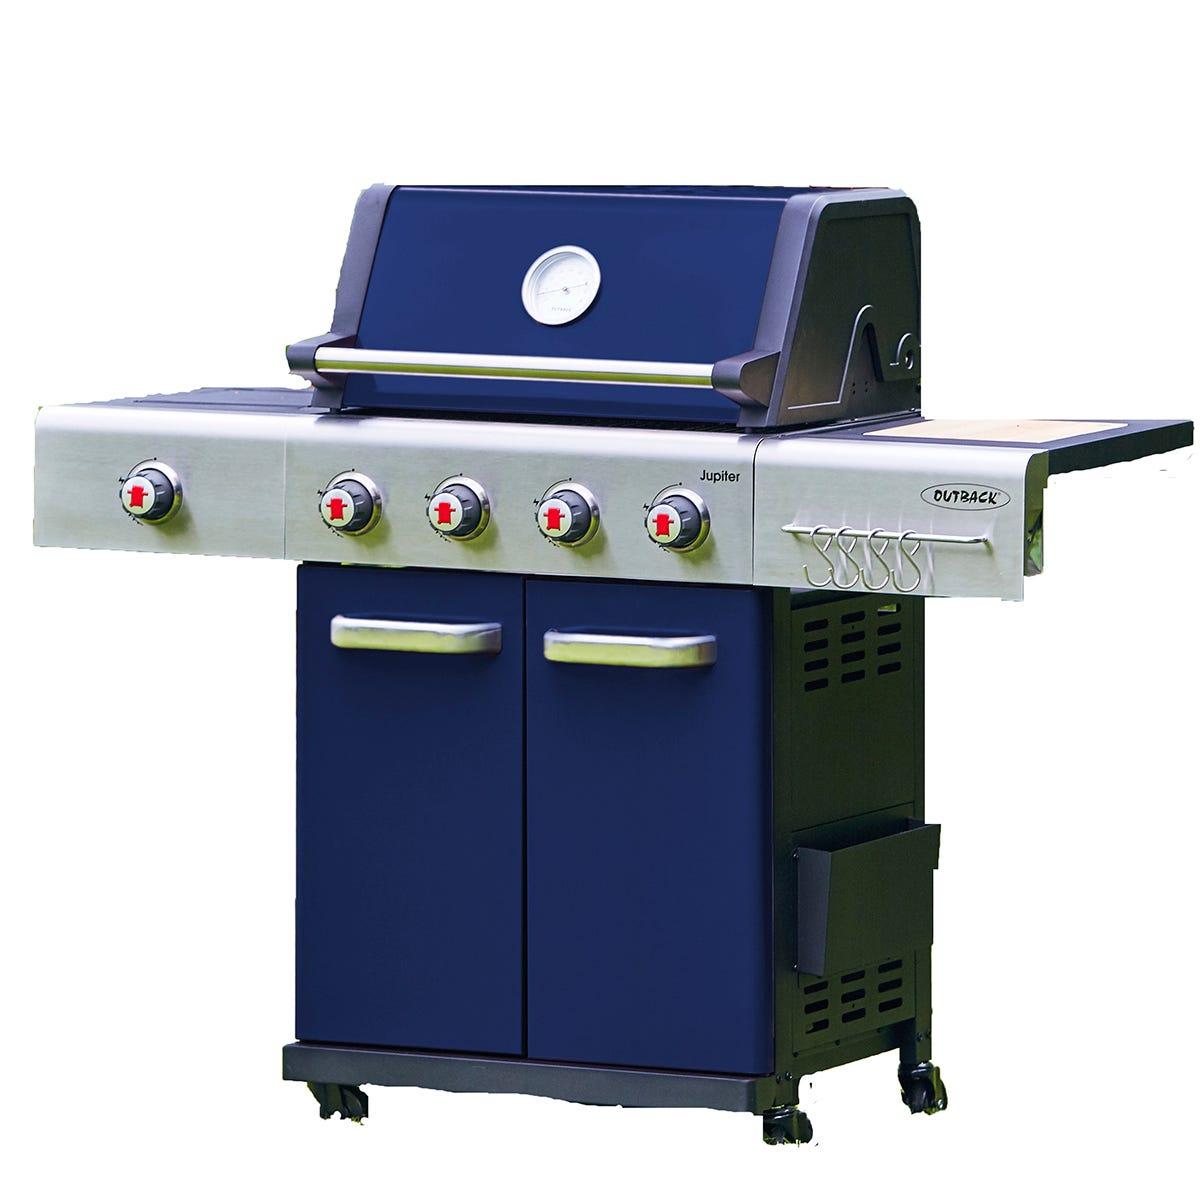 Outback Jupiter 4-Burner Hybrid Gas & Charcoal BBQ - Blue